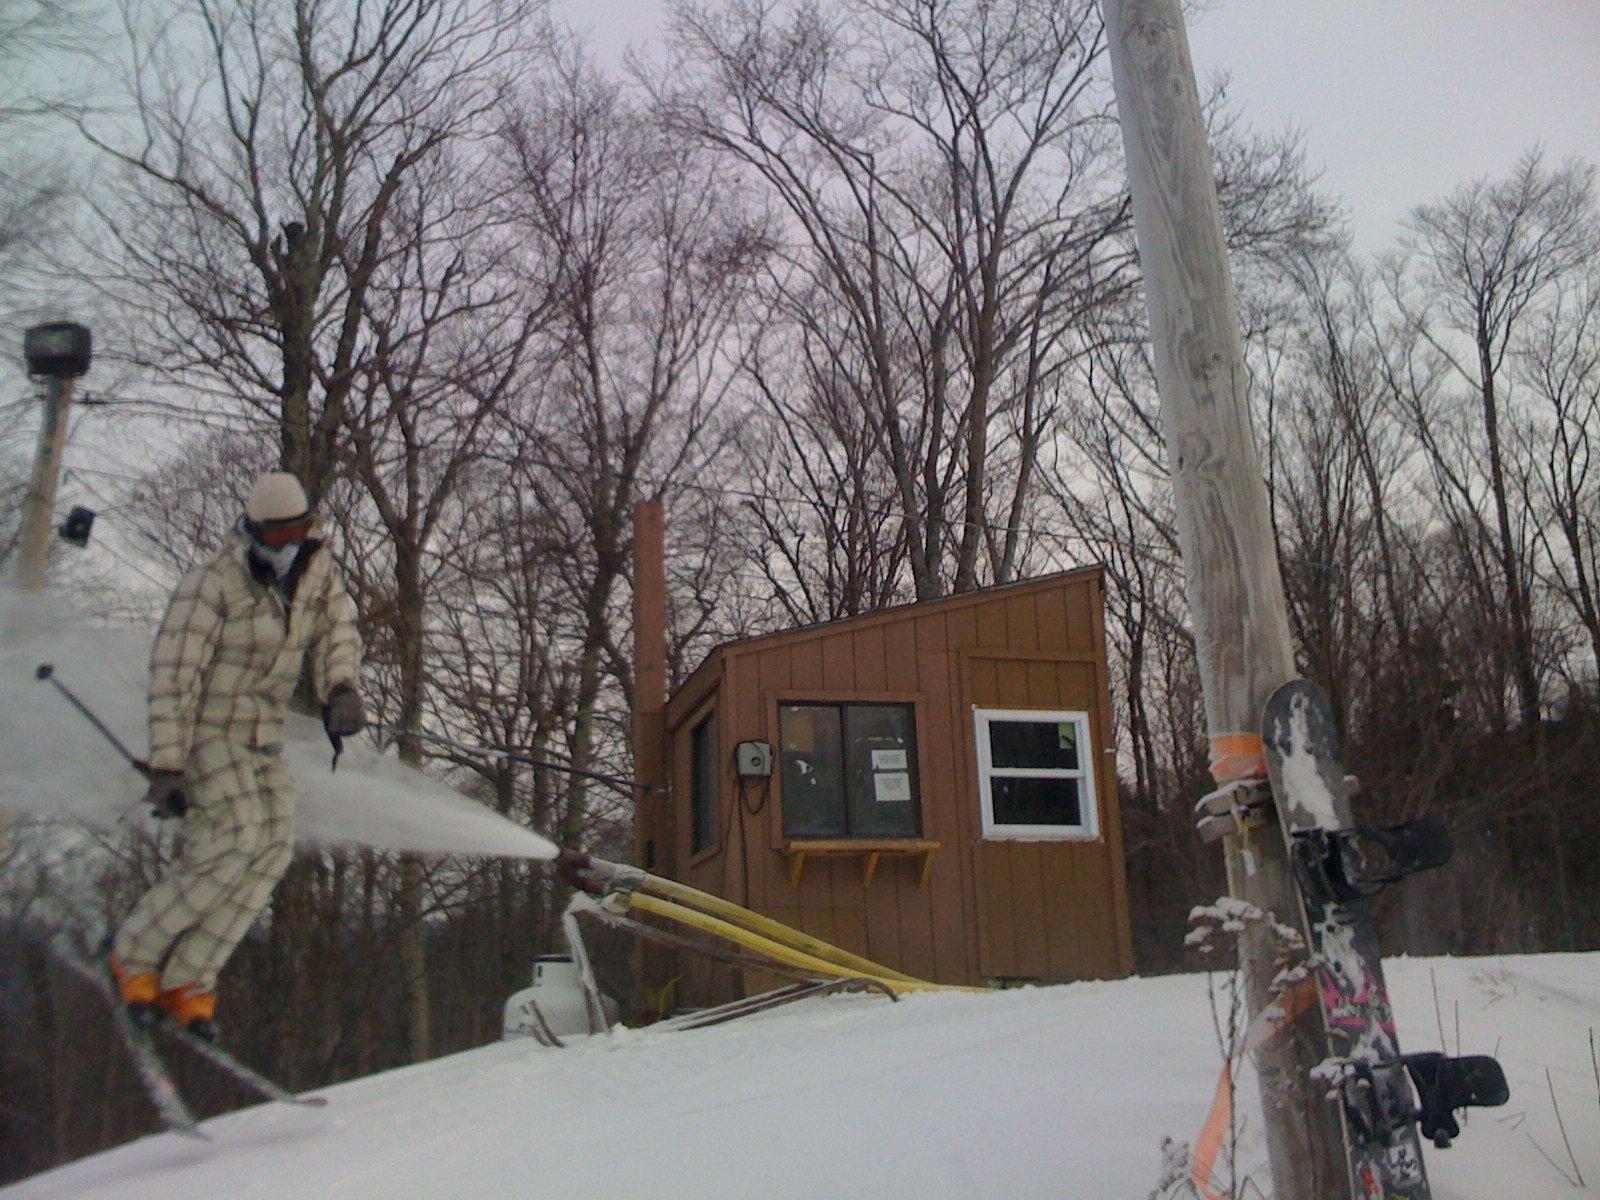 Bretton woods Dec 6, 2008